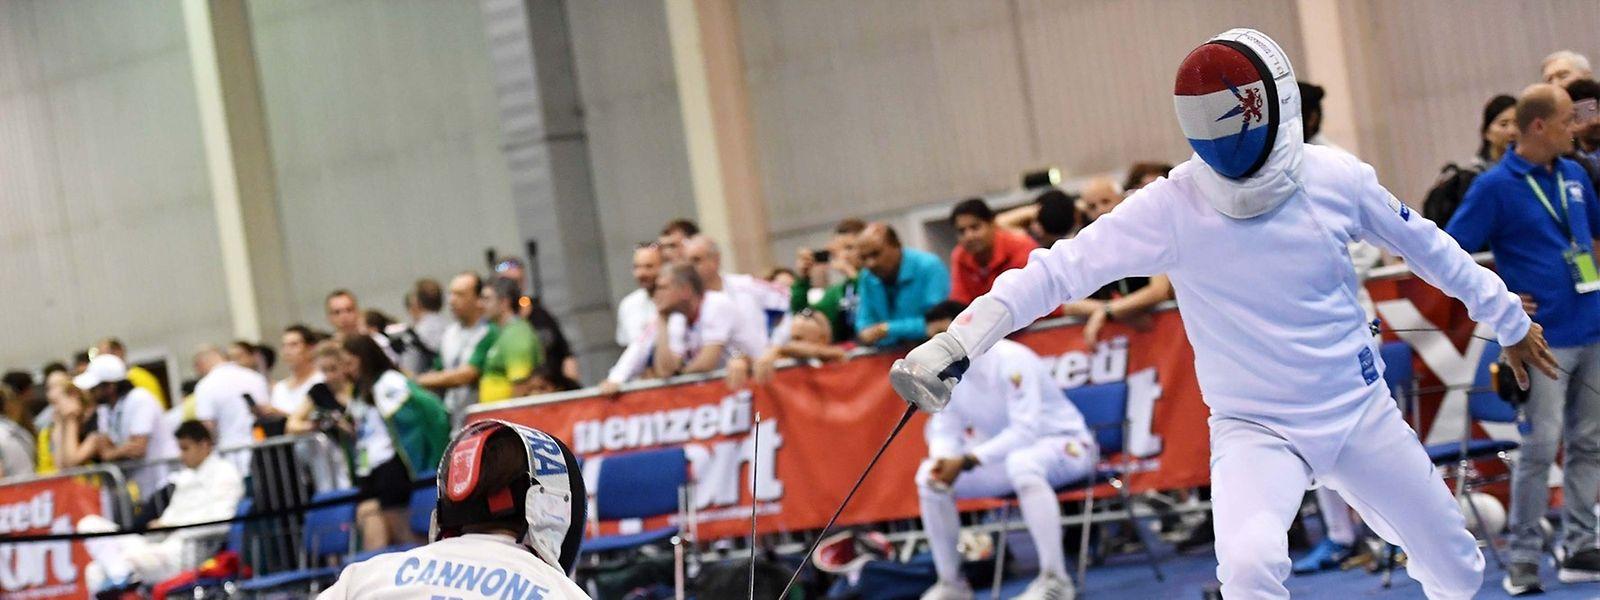 """""""Corona hat einen tiefen Einschnitt in den Trainingsprozess verursacht"""", sagt Flavio Giannotte."""